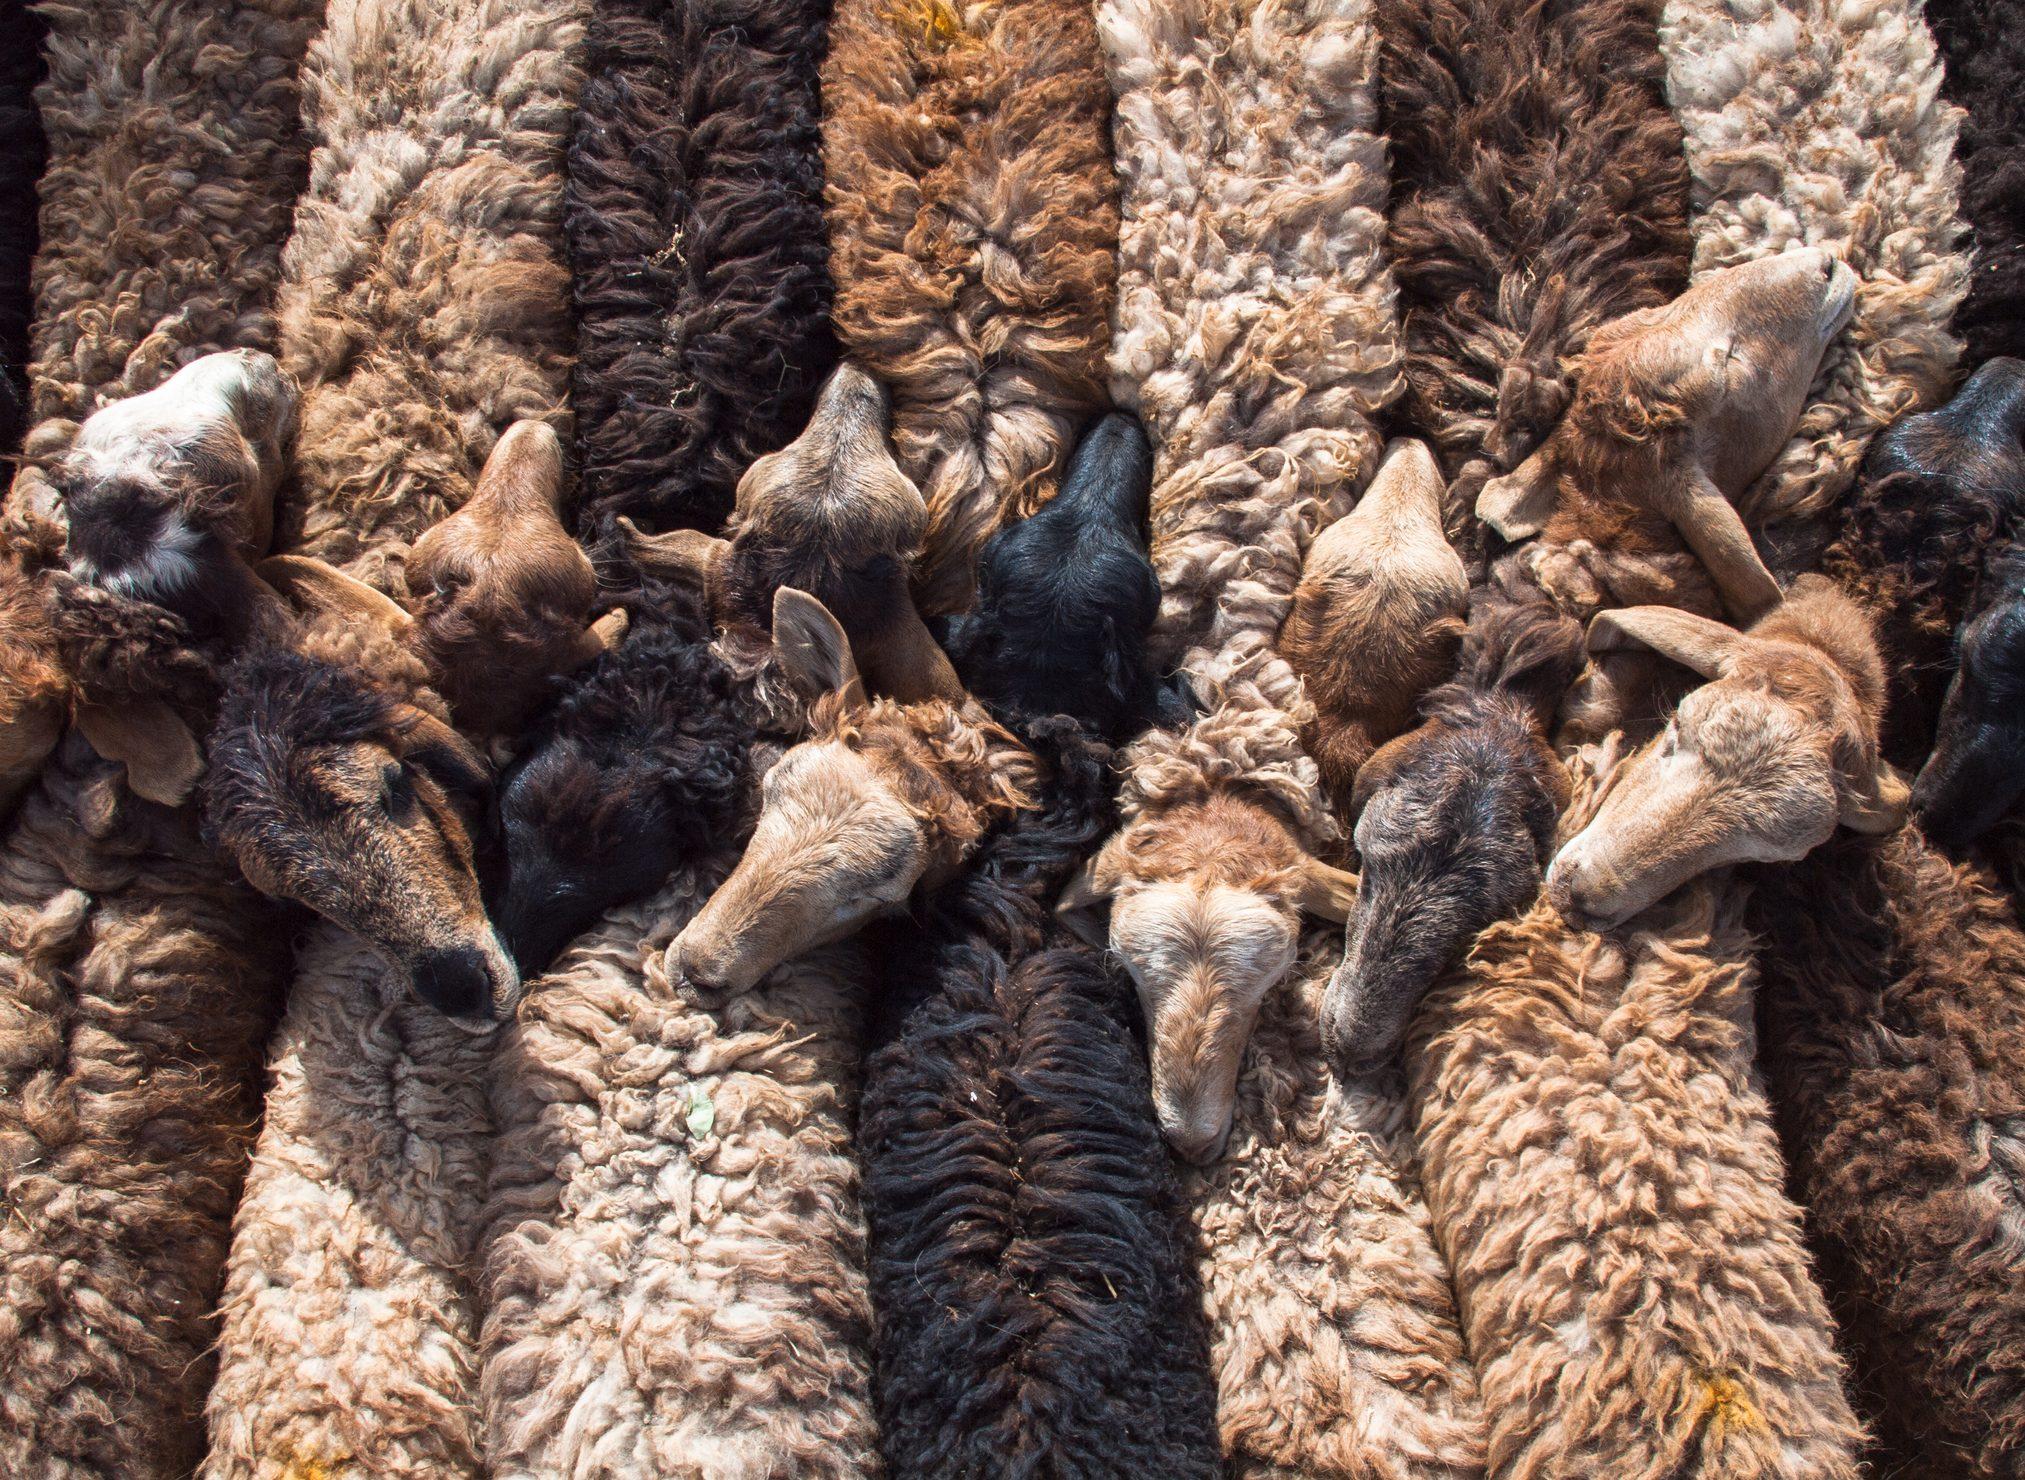 Row of bound together sheep at Mal Bazaar (livestock market) in Kashgar, Xinjiang, China